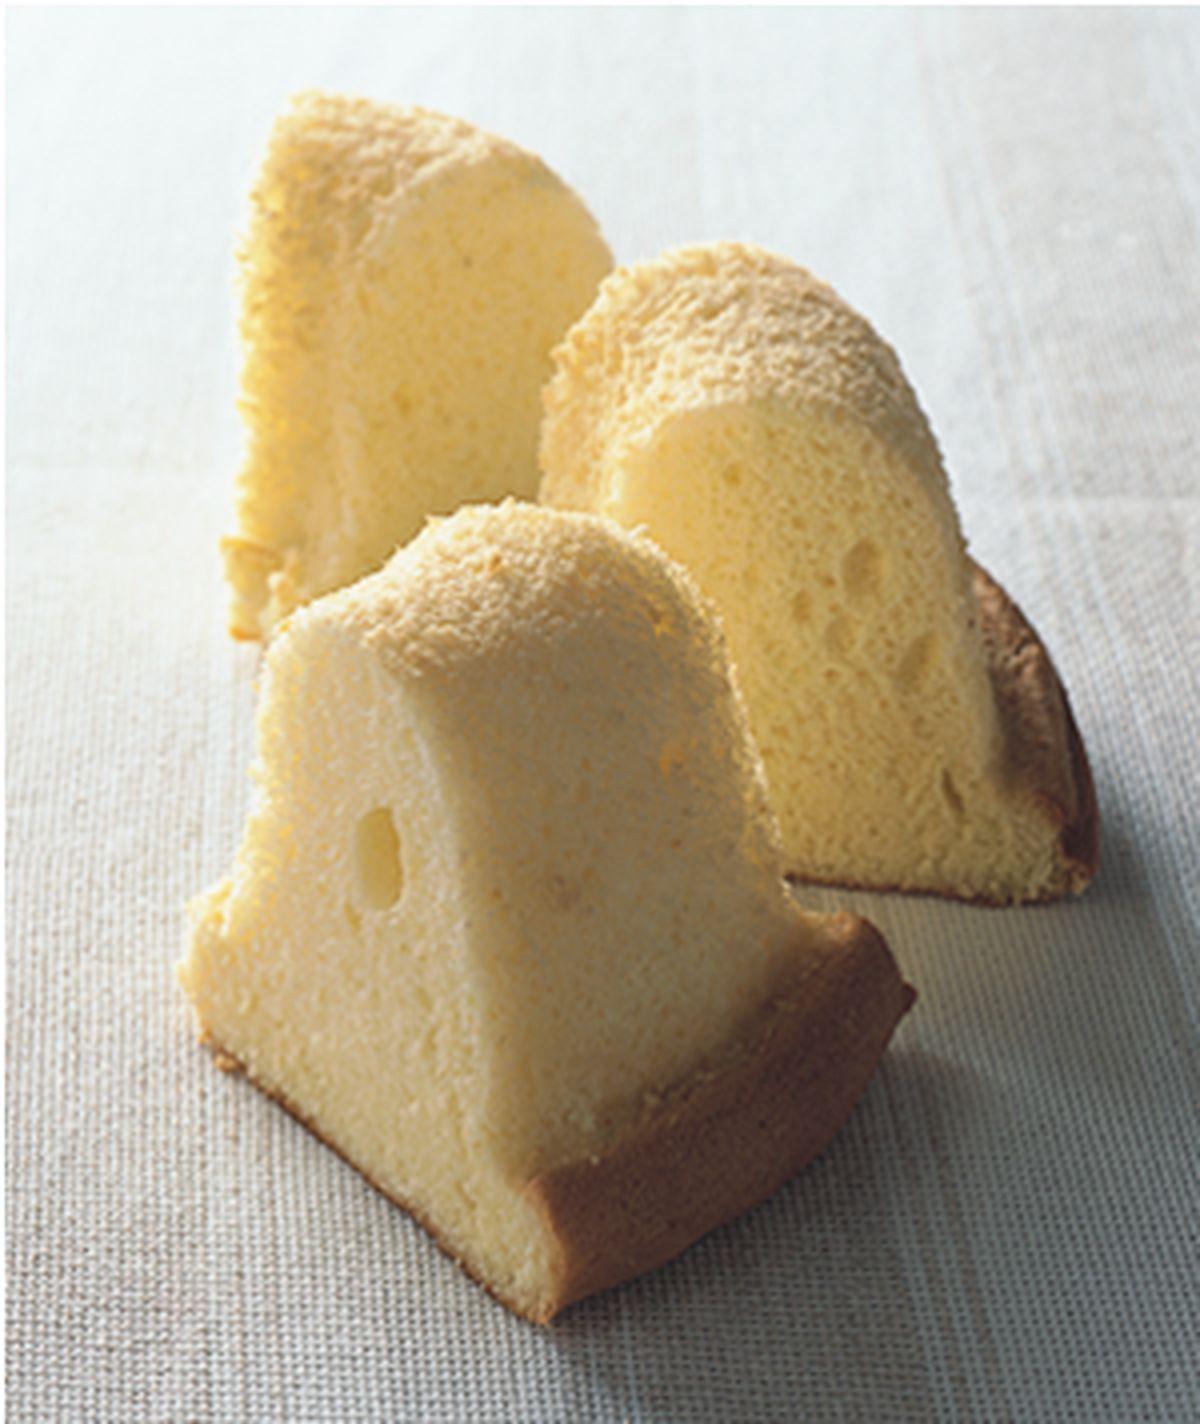 食譜:黃金天使蛋糕